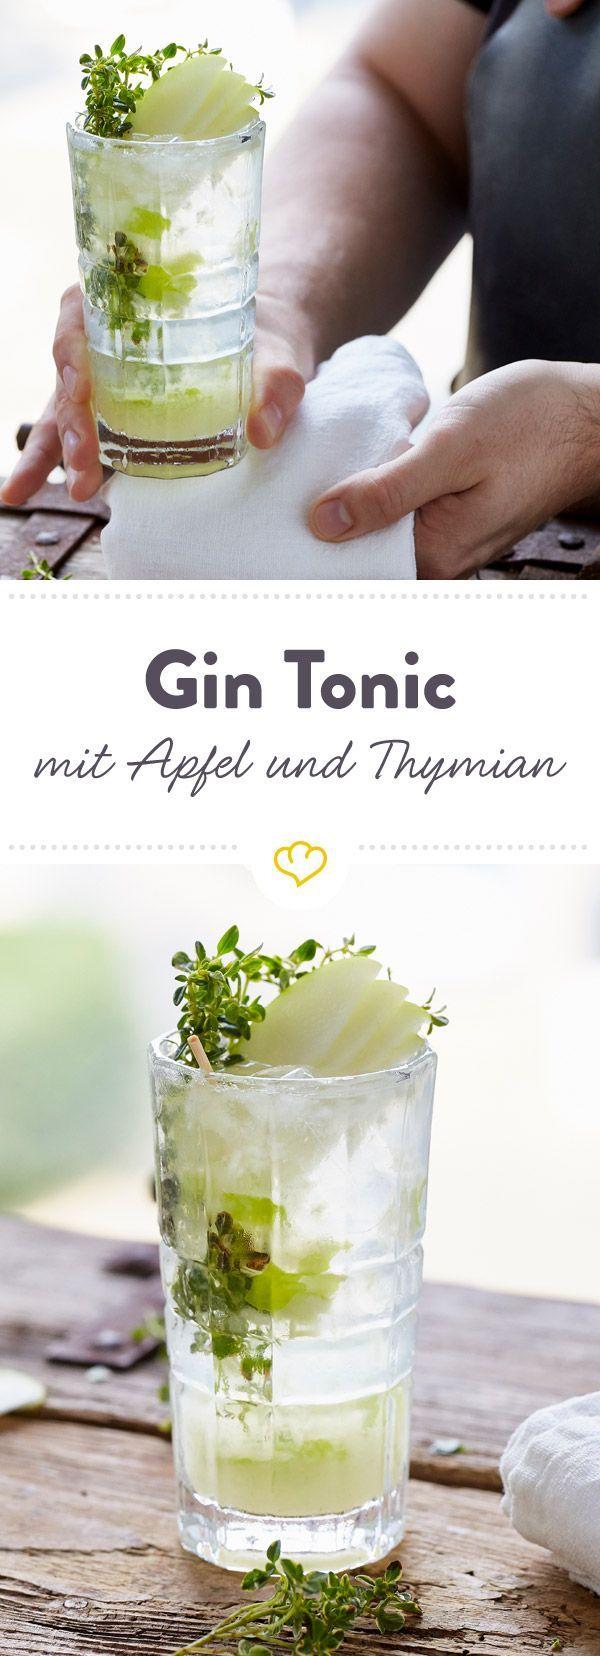 Gin Tonic mit Äpfeln und Thymian   – It's Cocktail Time – so wird's warm ums Herz